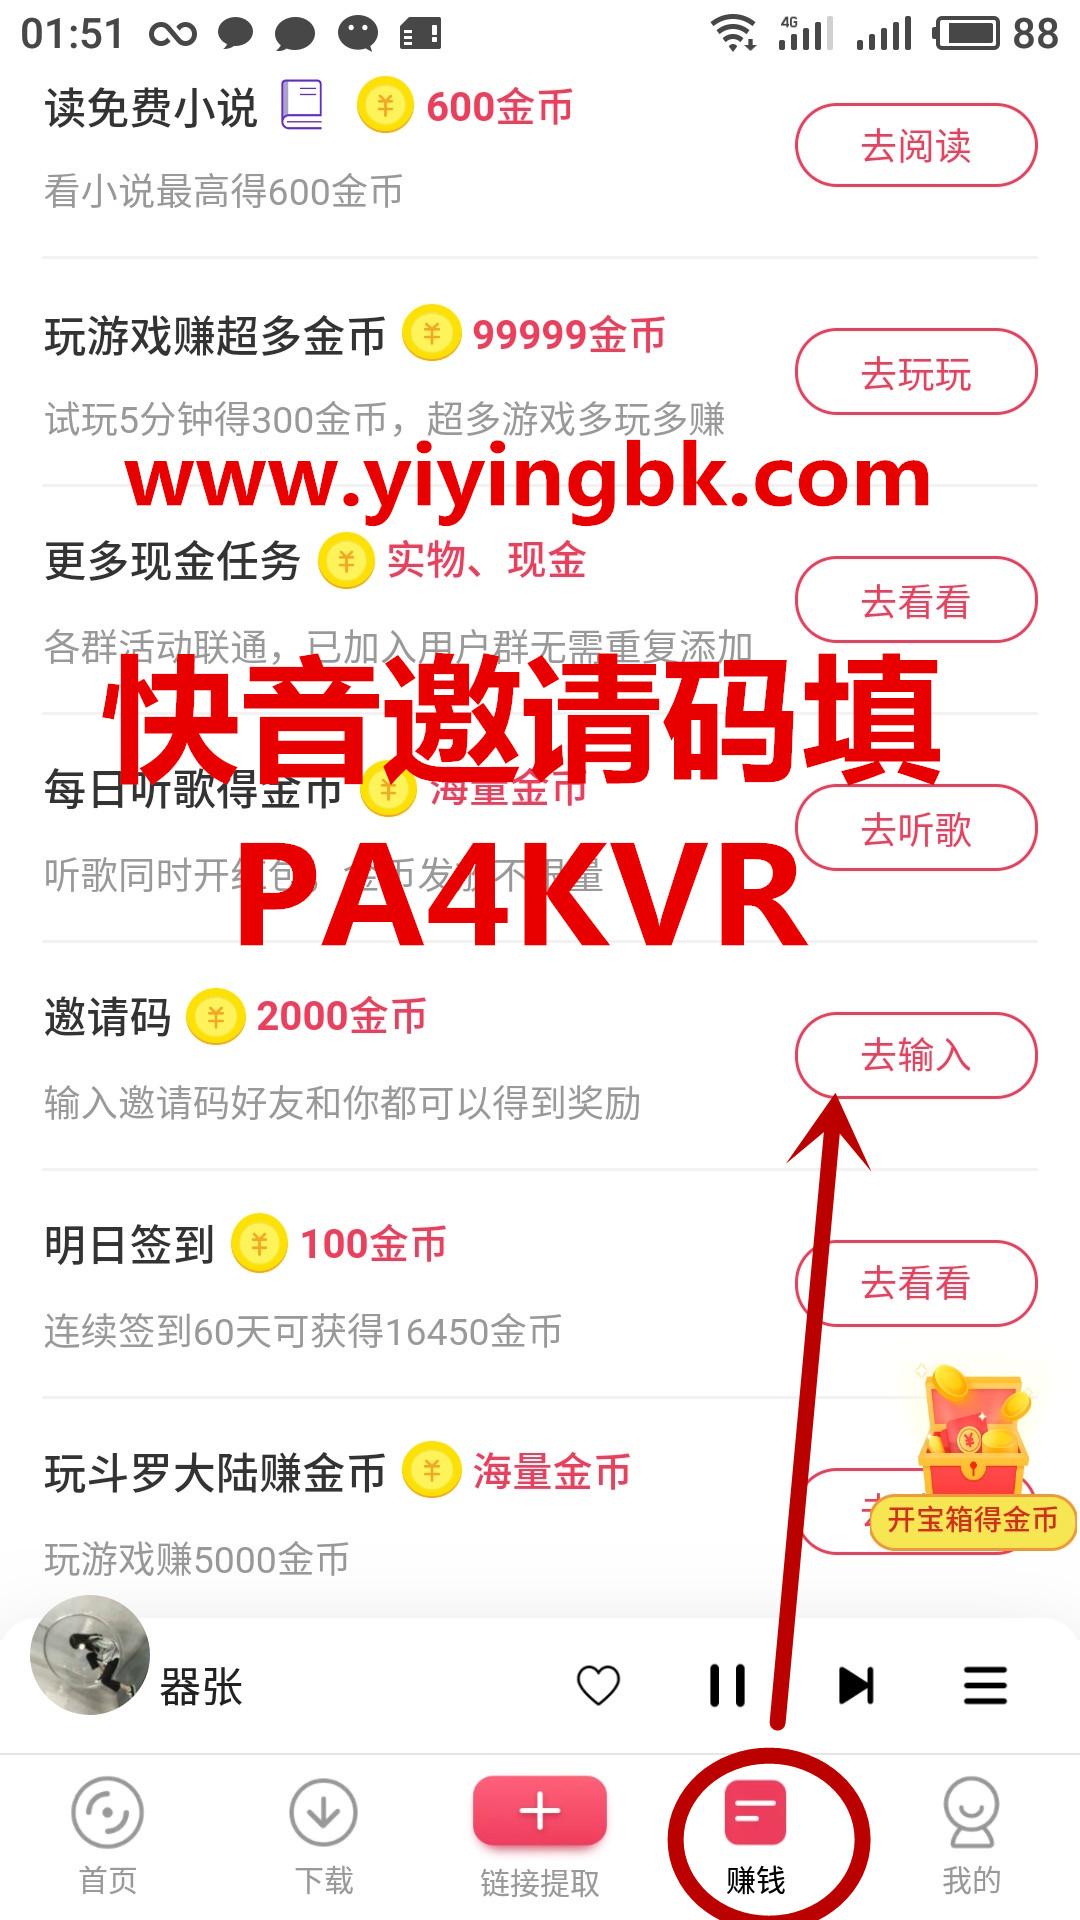 快音赚钱任务中心,填写邀请码PA4KVR领取金币红包奖励。